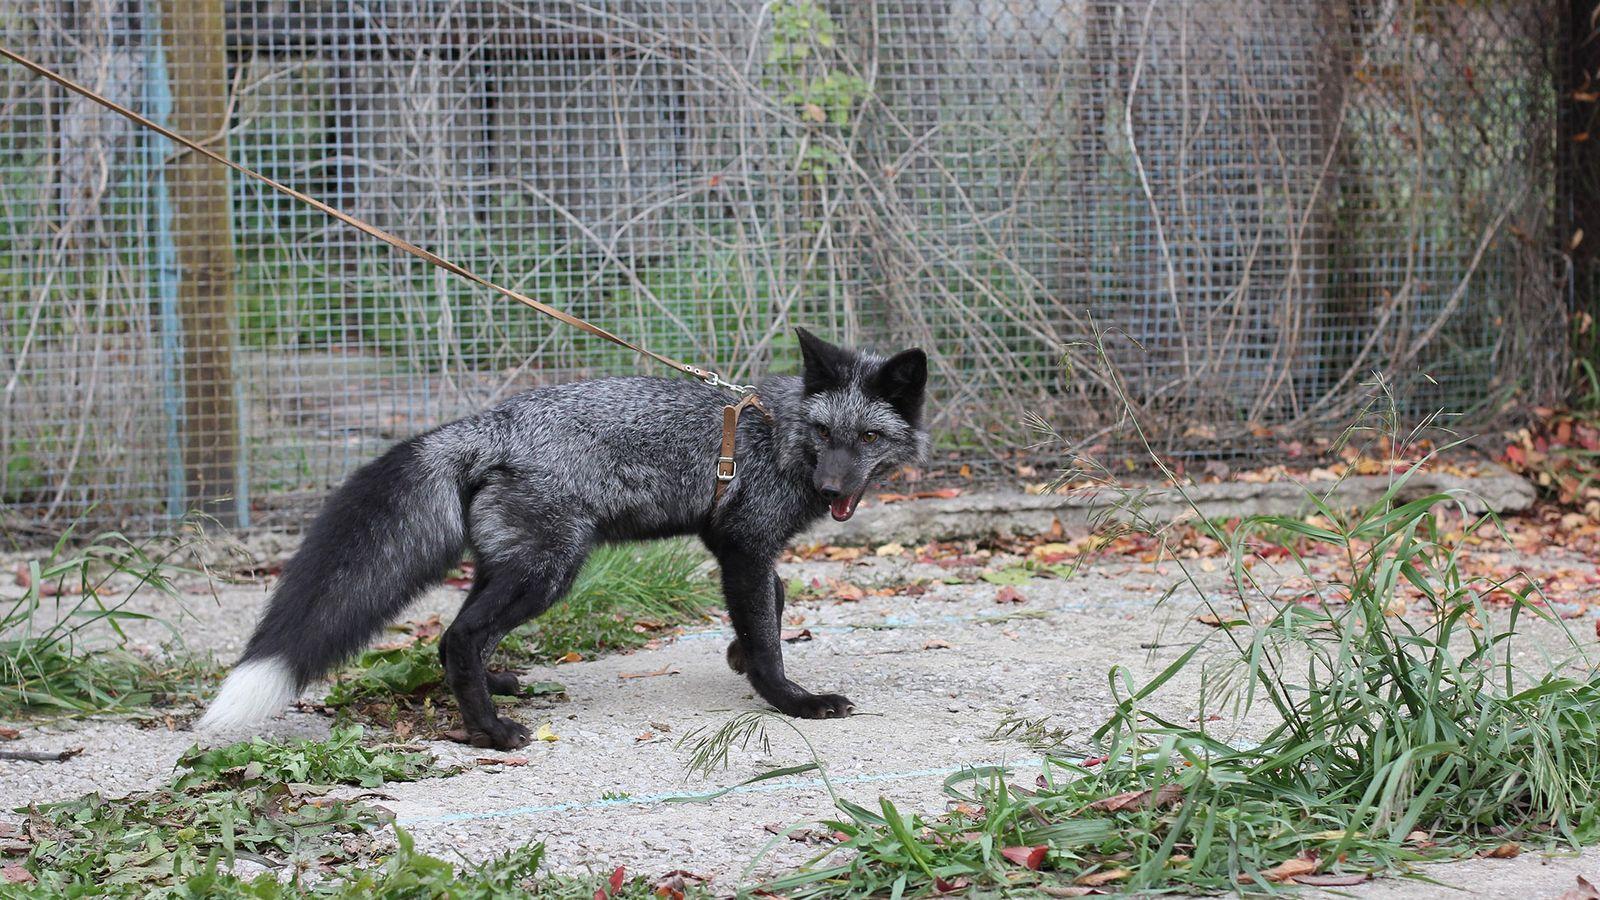 Raposas-prateadas são criadas na Rússia desde 1959 para serem dóceis ou agressivas. O experimento selecionou determinados ...